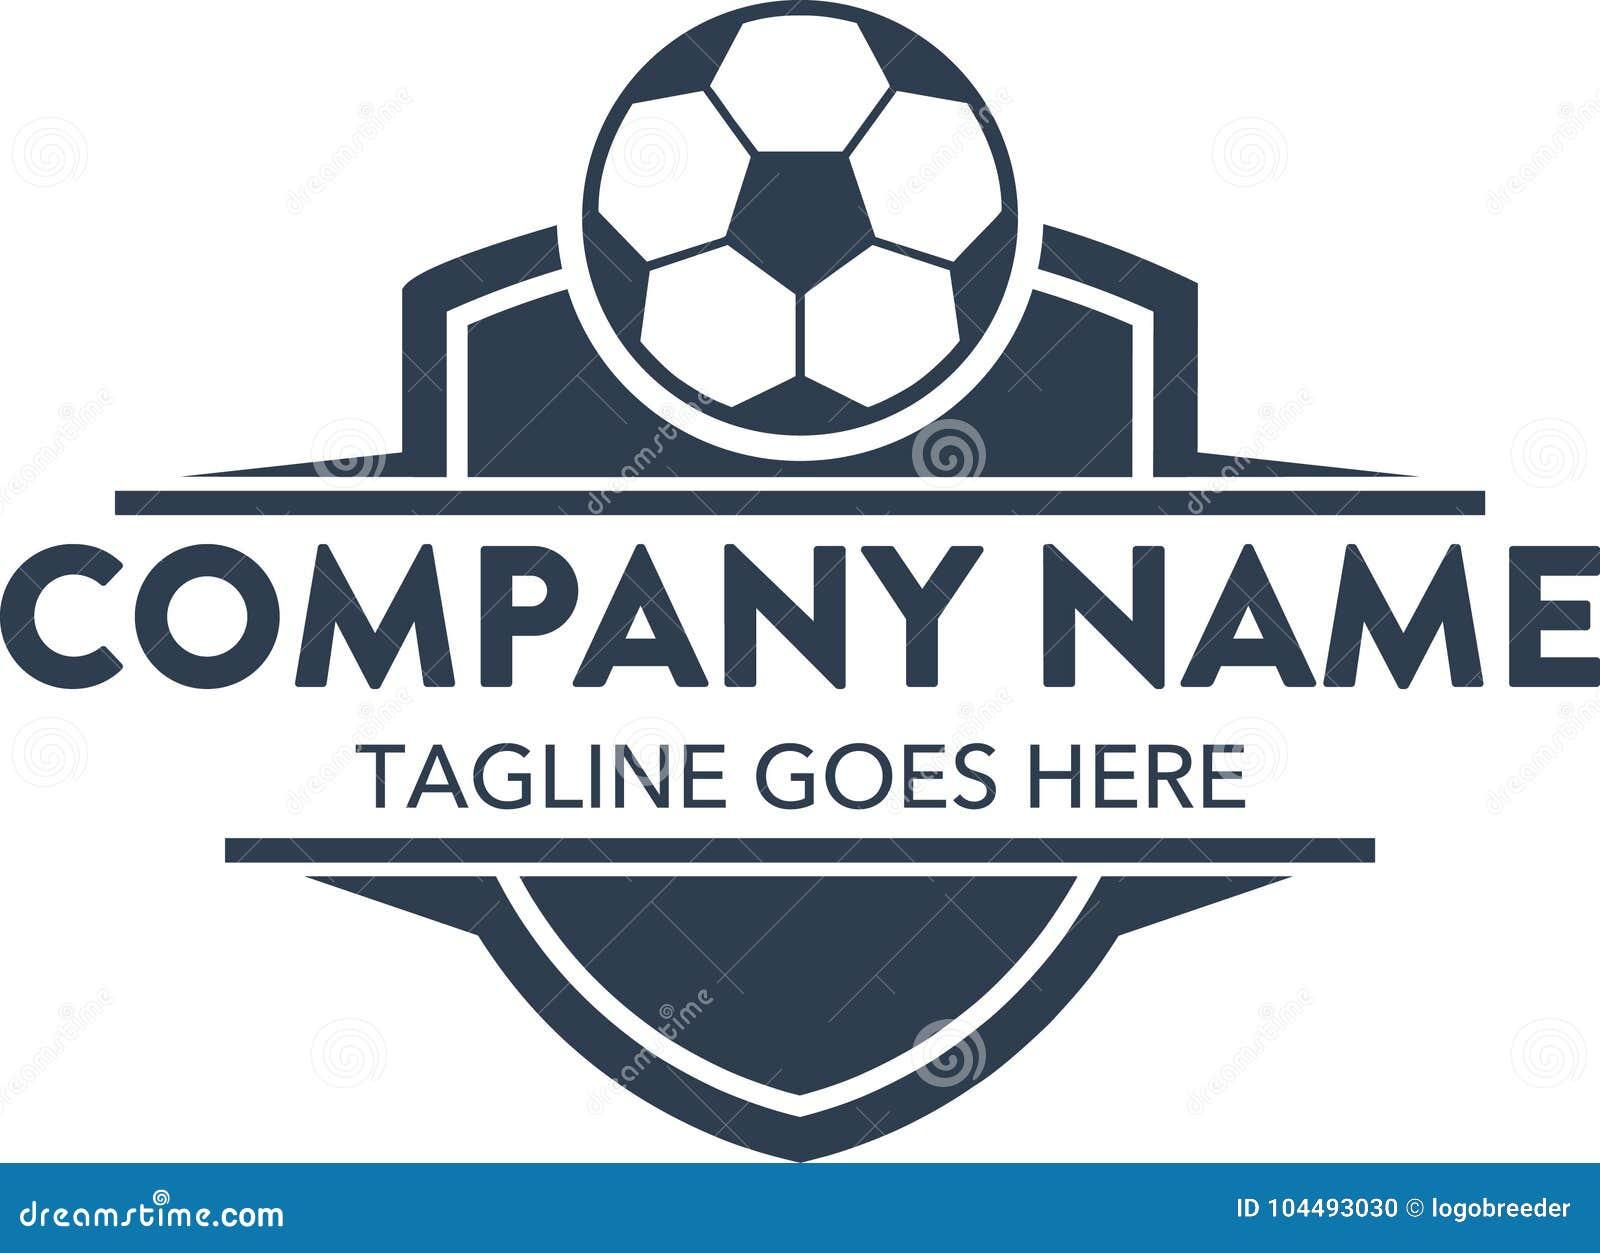 5830ed23adc69 Plantilla relacionada del logotipo del fútbol único del fútbol Vector  editable